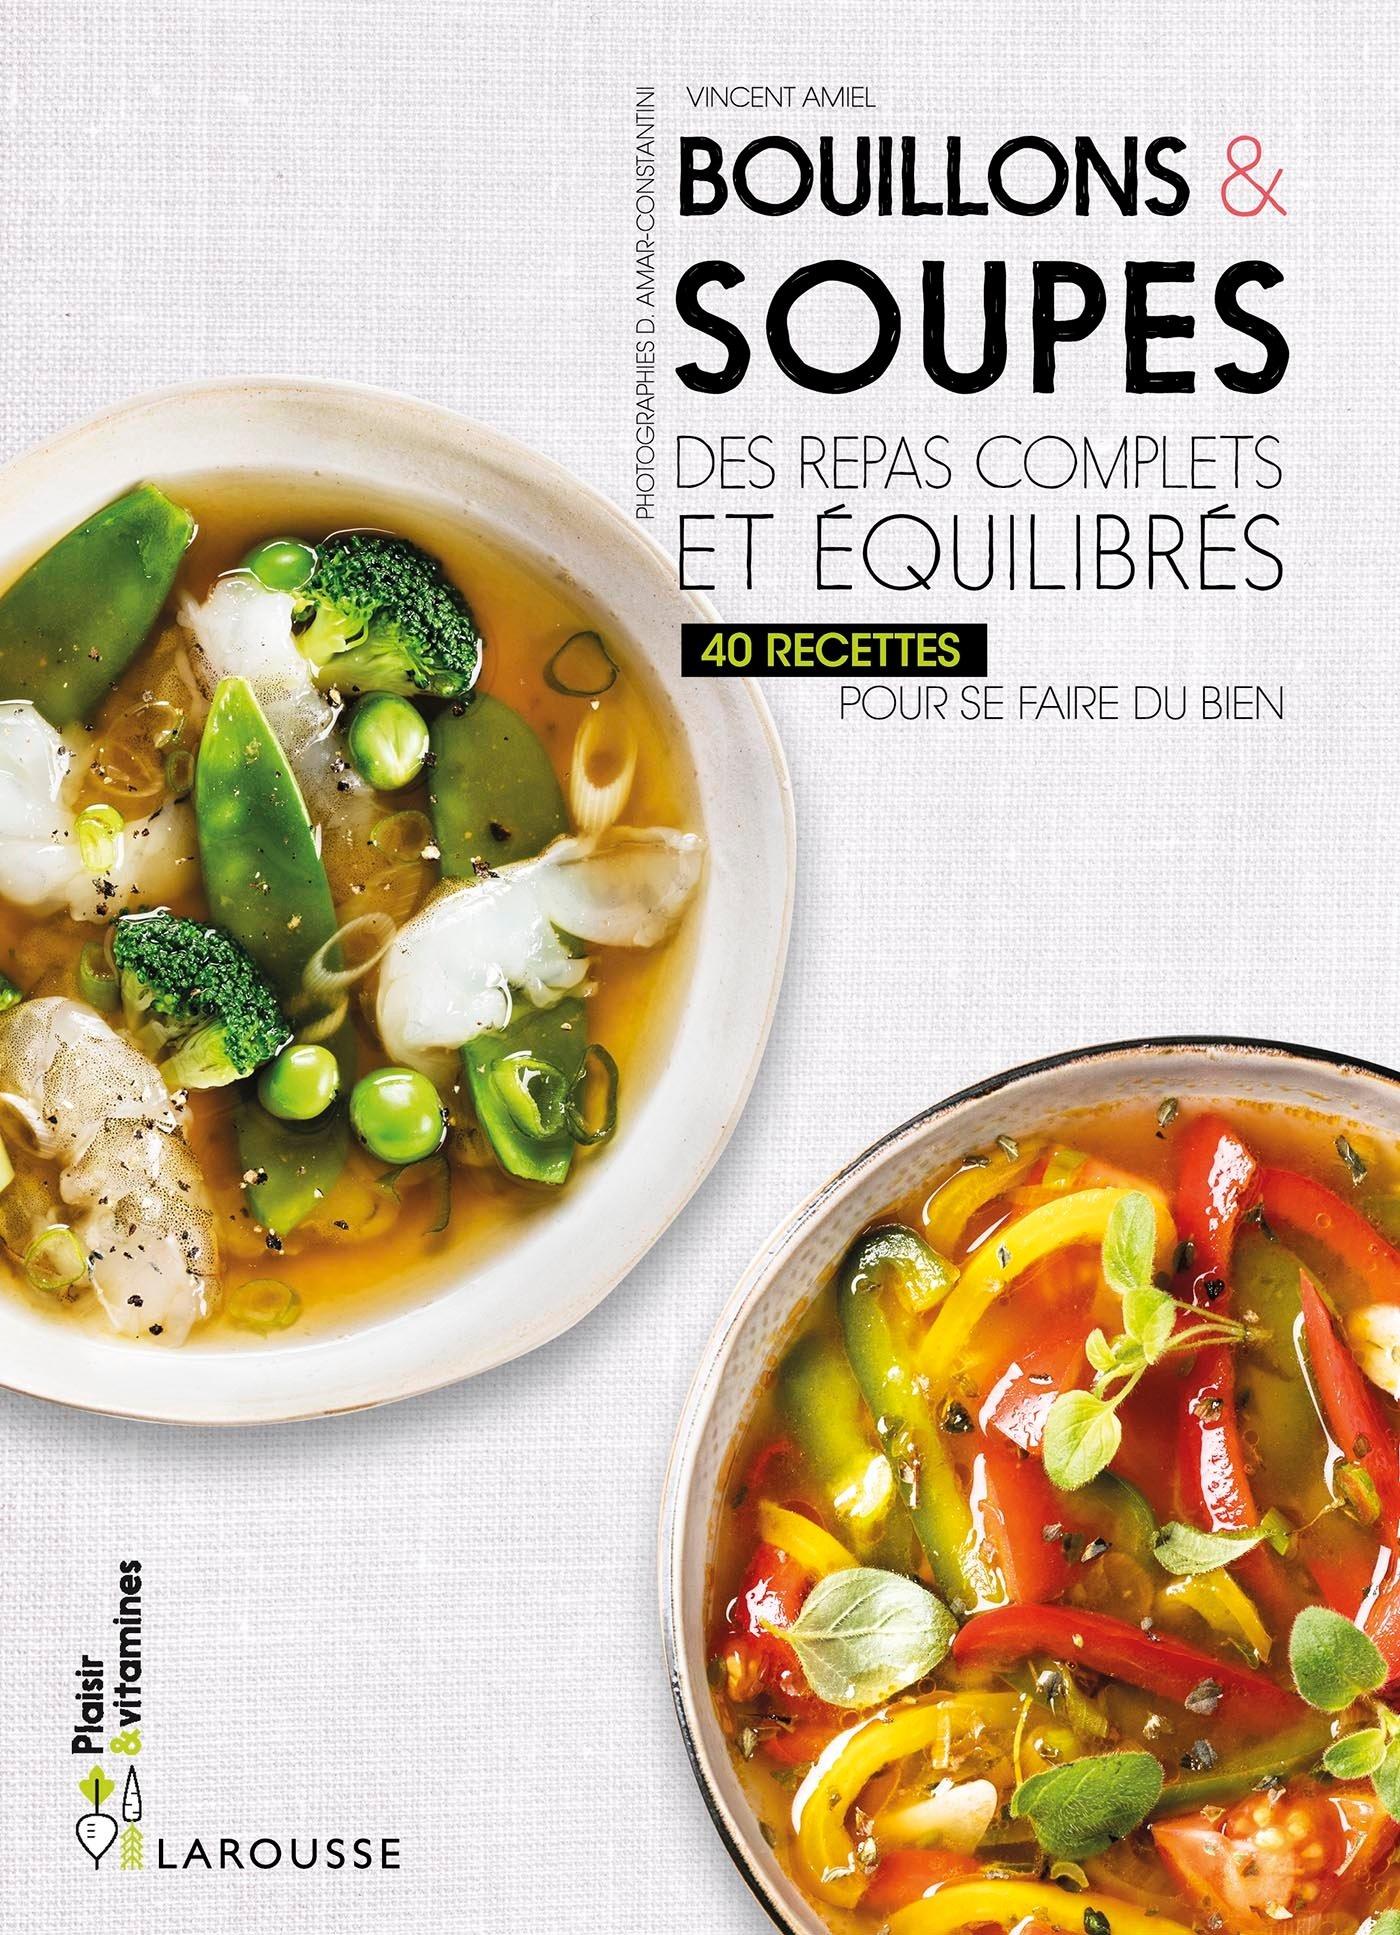 Bouillons & soupes: Des repas complets et équilibrés Broché – 23 août 2017 Vincent Amiel Larousse 203593415X Cuisine